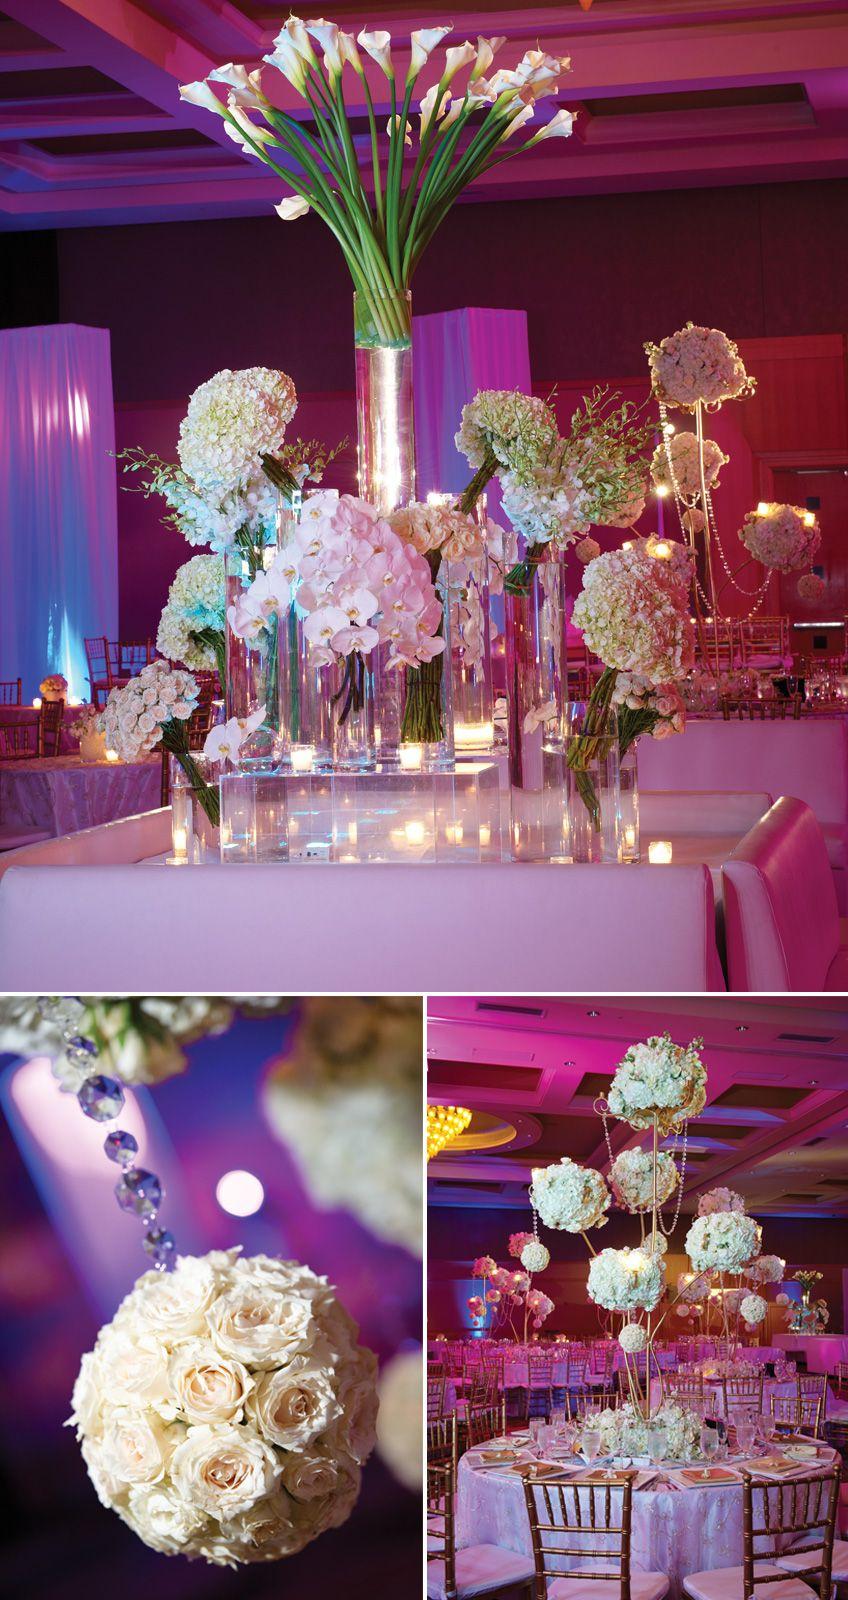 Pretty wedding reception decorations wedding decoration for Pretty wedding table decorations